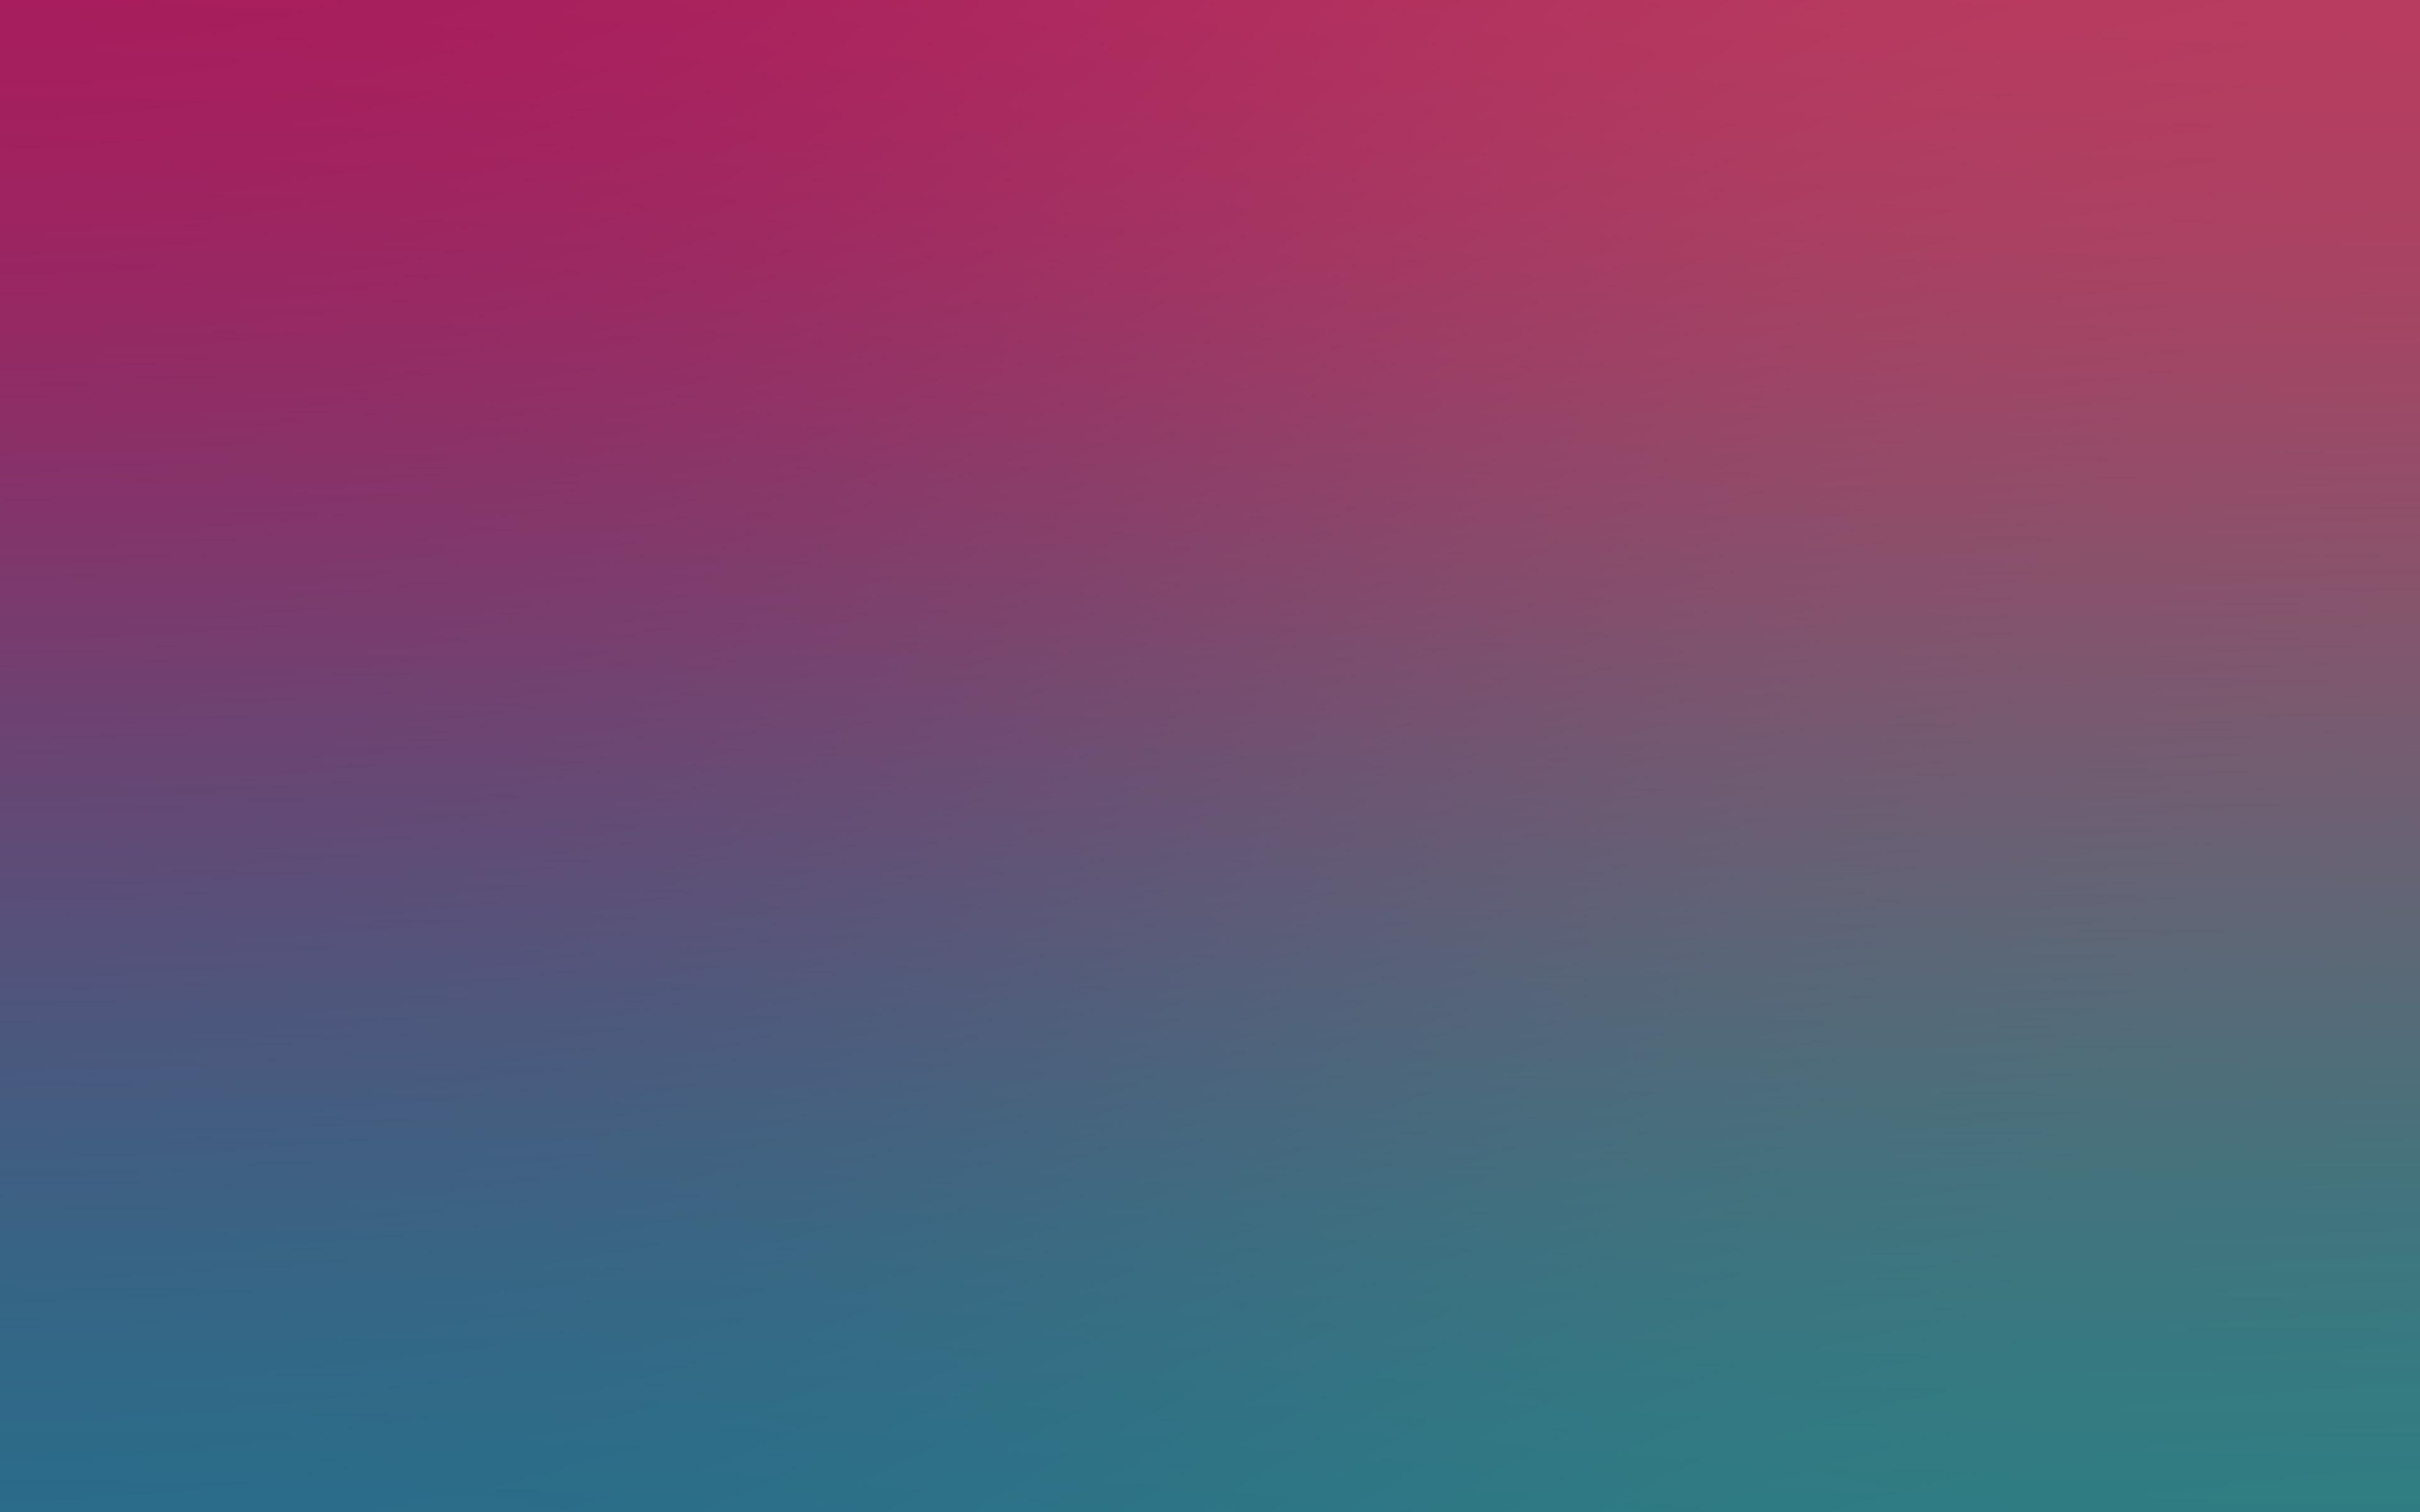 Sn76 Green Pink Blur Gradation Wallpaper